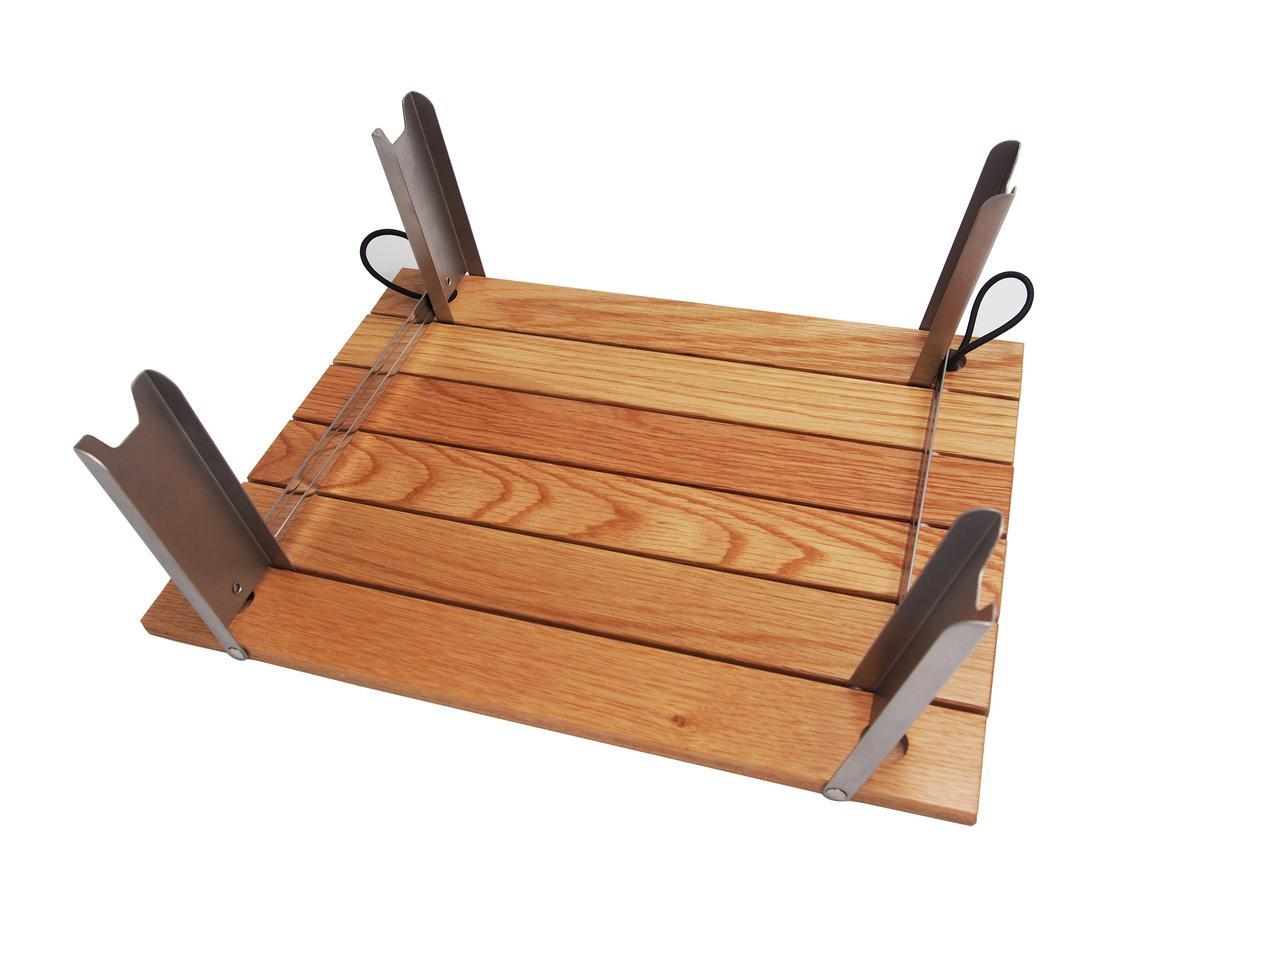 画像3: 【CAPTAIN STAG × 村の鍛冶屋】ライバルの共演!オリジナル木製ロールテーブルを9/17より限定500台発売